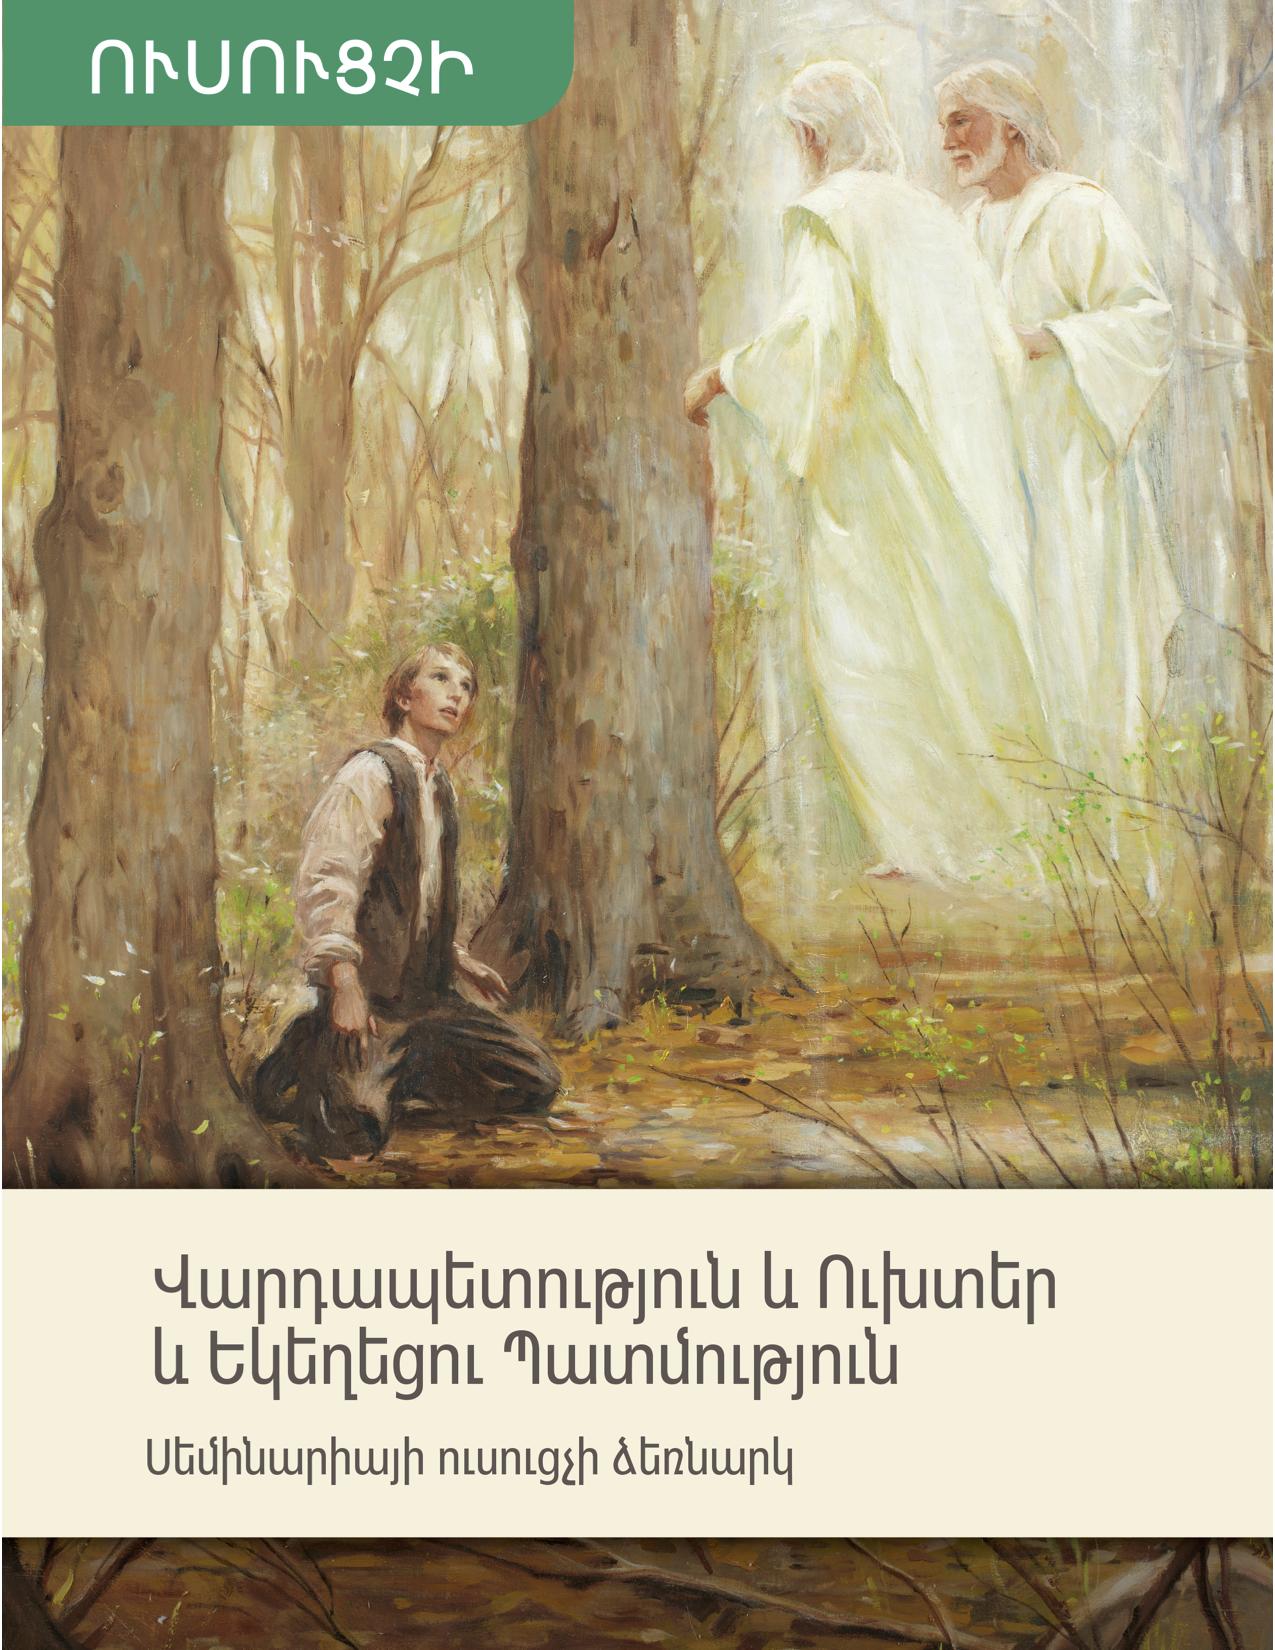 Վարդապետություն և Ուխտեր և Եկեղեցու Պատմություն. Սեմինարիայի ուսուցչի ձեռնարկ